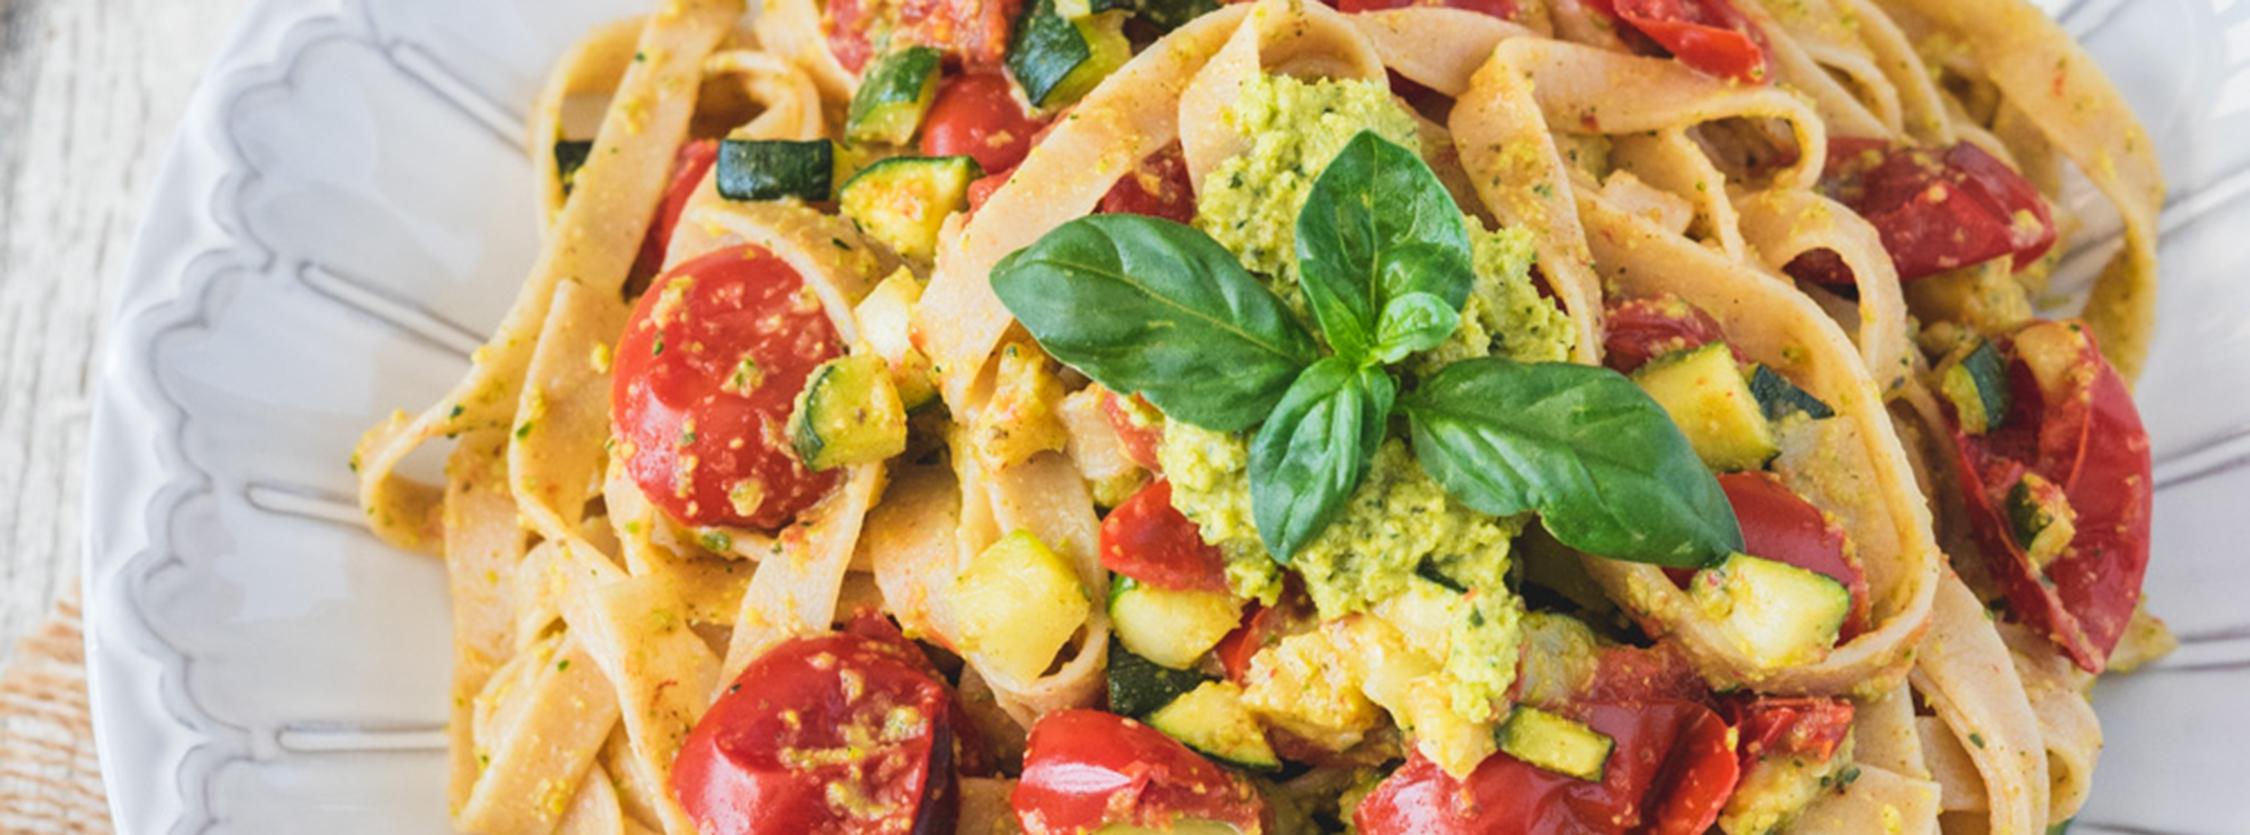 Fettuccine al pesto di pistacchi con zucchine e pomodorini confit